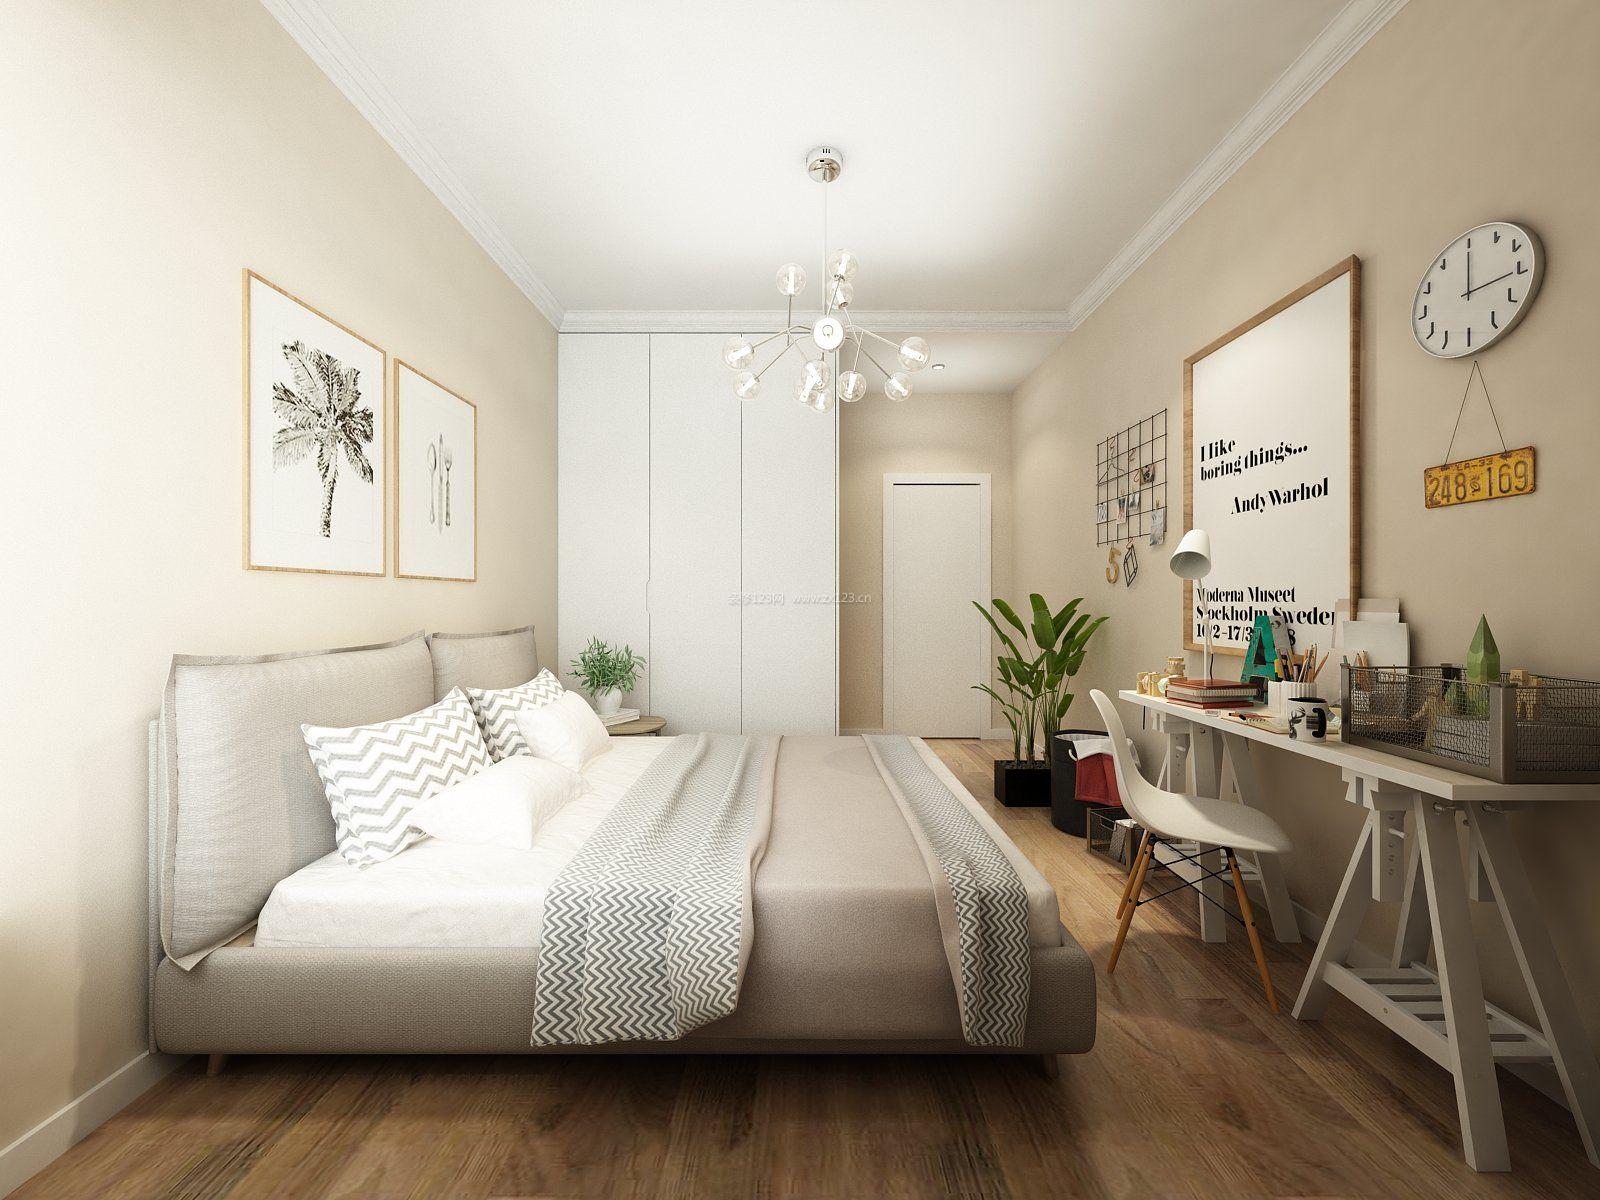 二室一厅新房卧室浅色木地板布置效果图图片